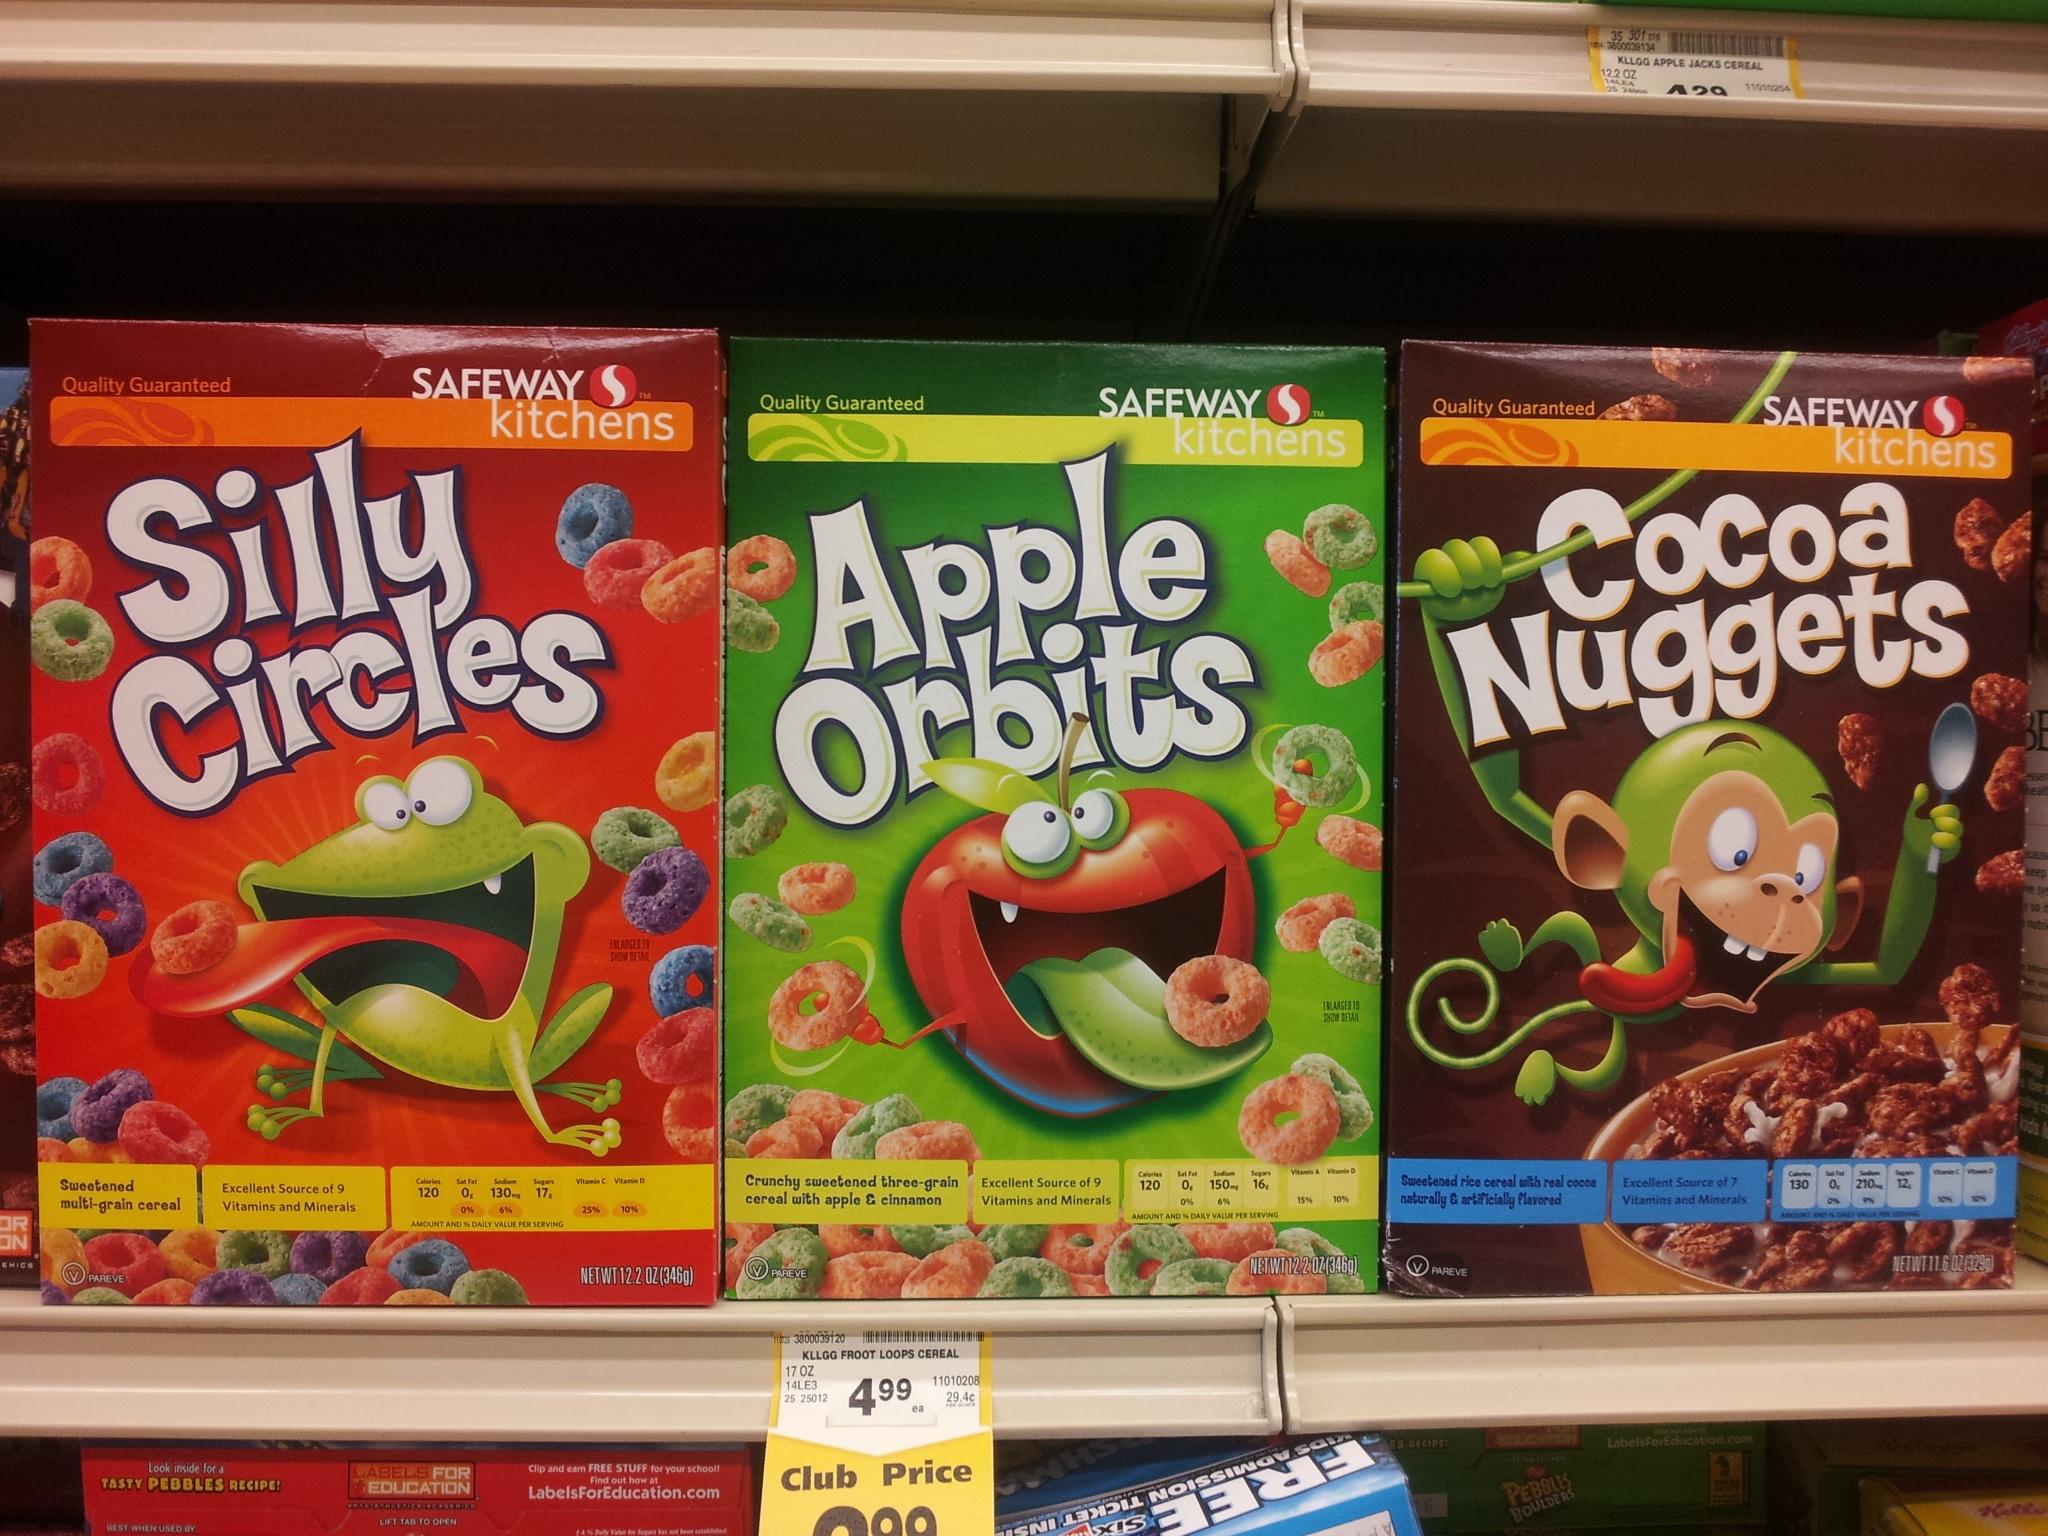 реклама Блюдо Пища быстрое питание зерновой игровой автомат супермаркет не настоящие Игры Общий Глупый Подделка